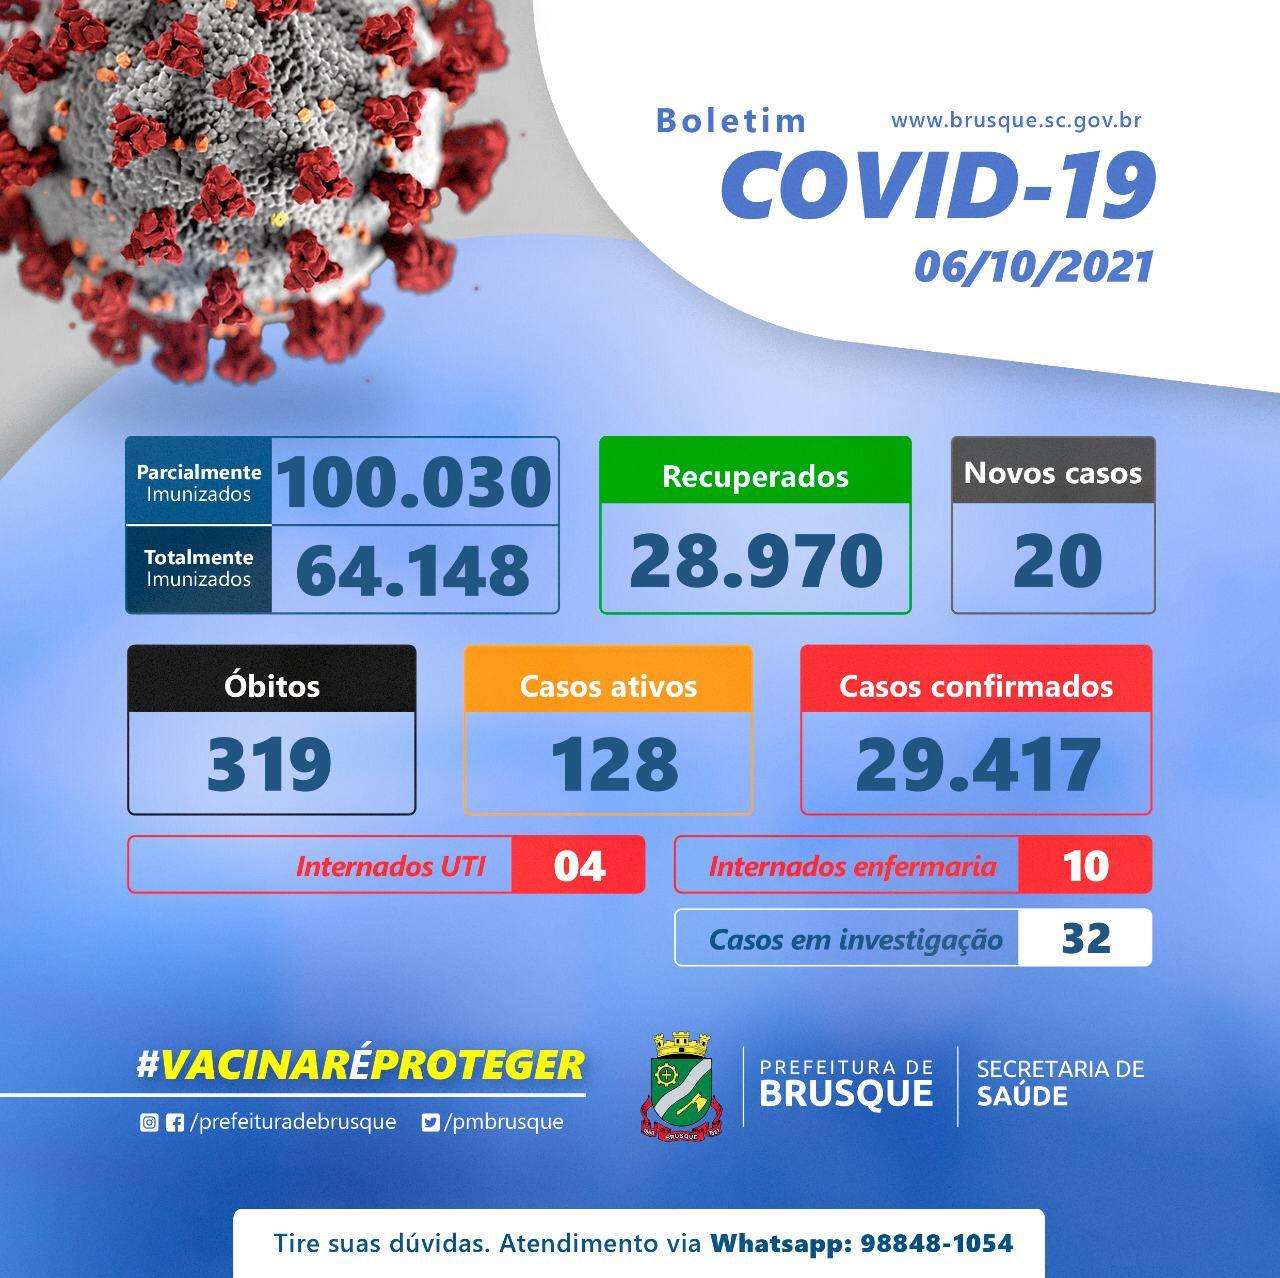 Covid-19: Confira o boletim epidemiológico desta quarta-feira (06)